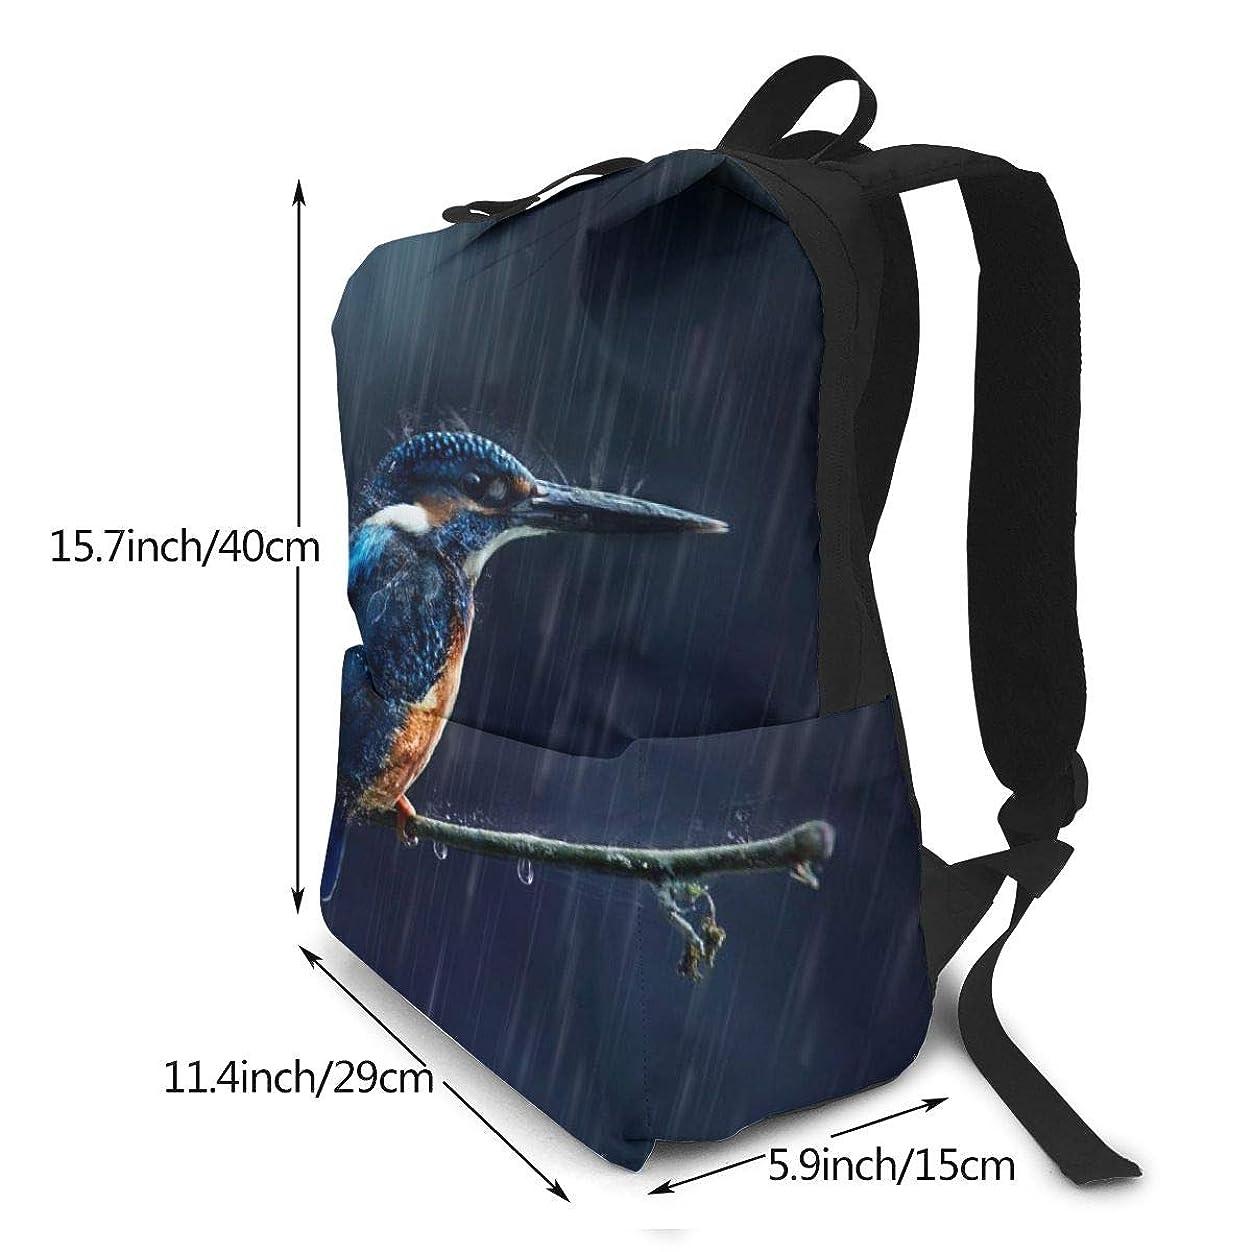 わずかにひまわり手足双肩バッグ リュックサック Kingfisher バックパック Schoolbag 大容量 通学 中学生かばん リュック スクエアリュック 男女子高校生 バック 通学 通勤 40X29X15(Cm)